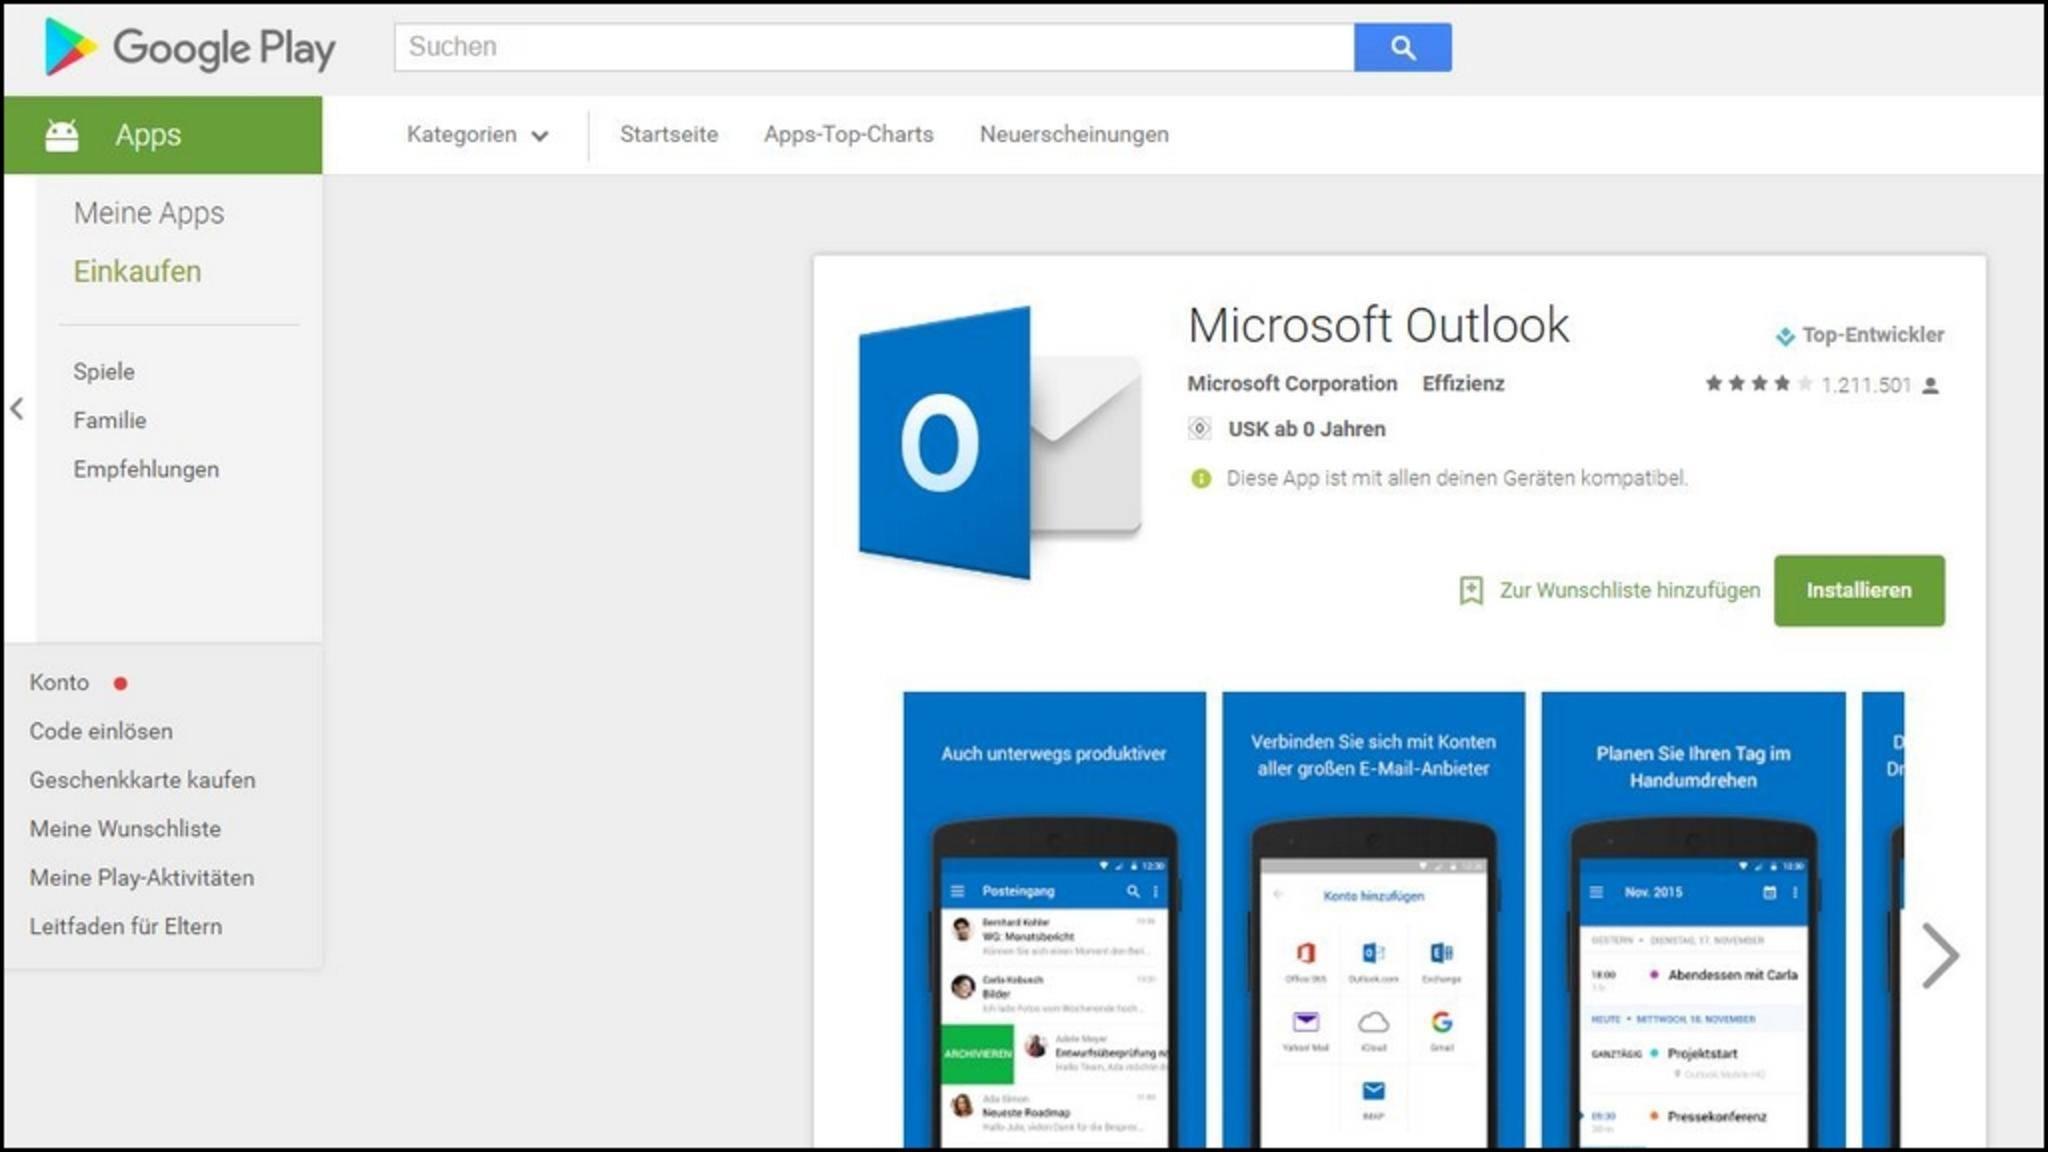 Android-Apps lassen sich über den Play Store auch vom PC aus installieren.